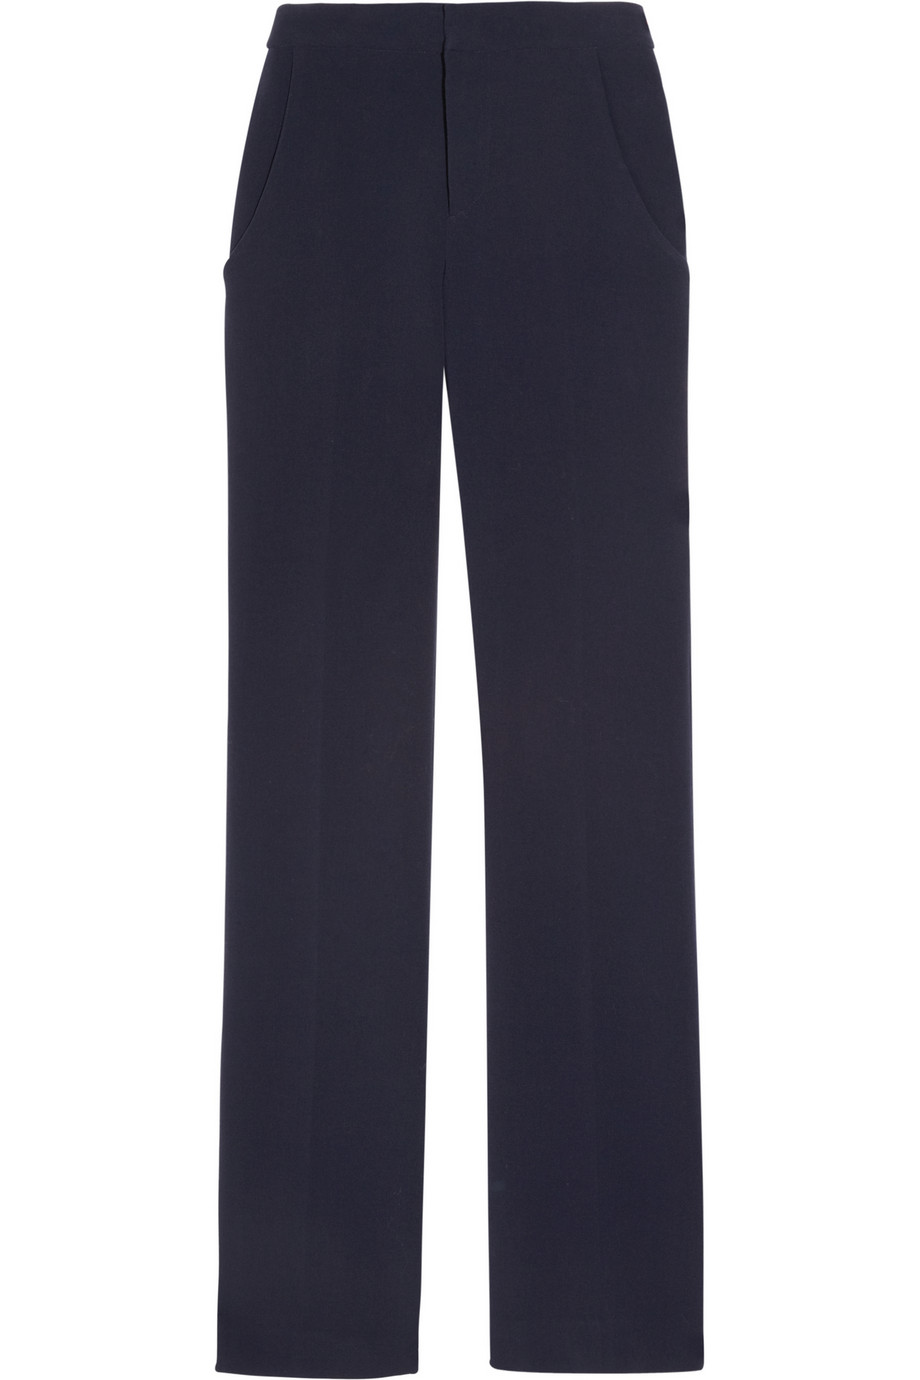 marni stretch wool-blend crepe flared pants.jpg